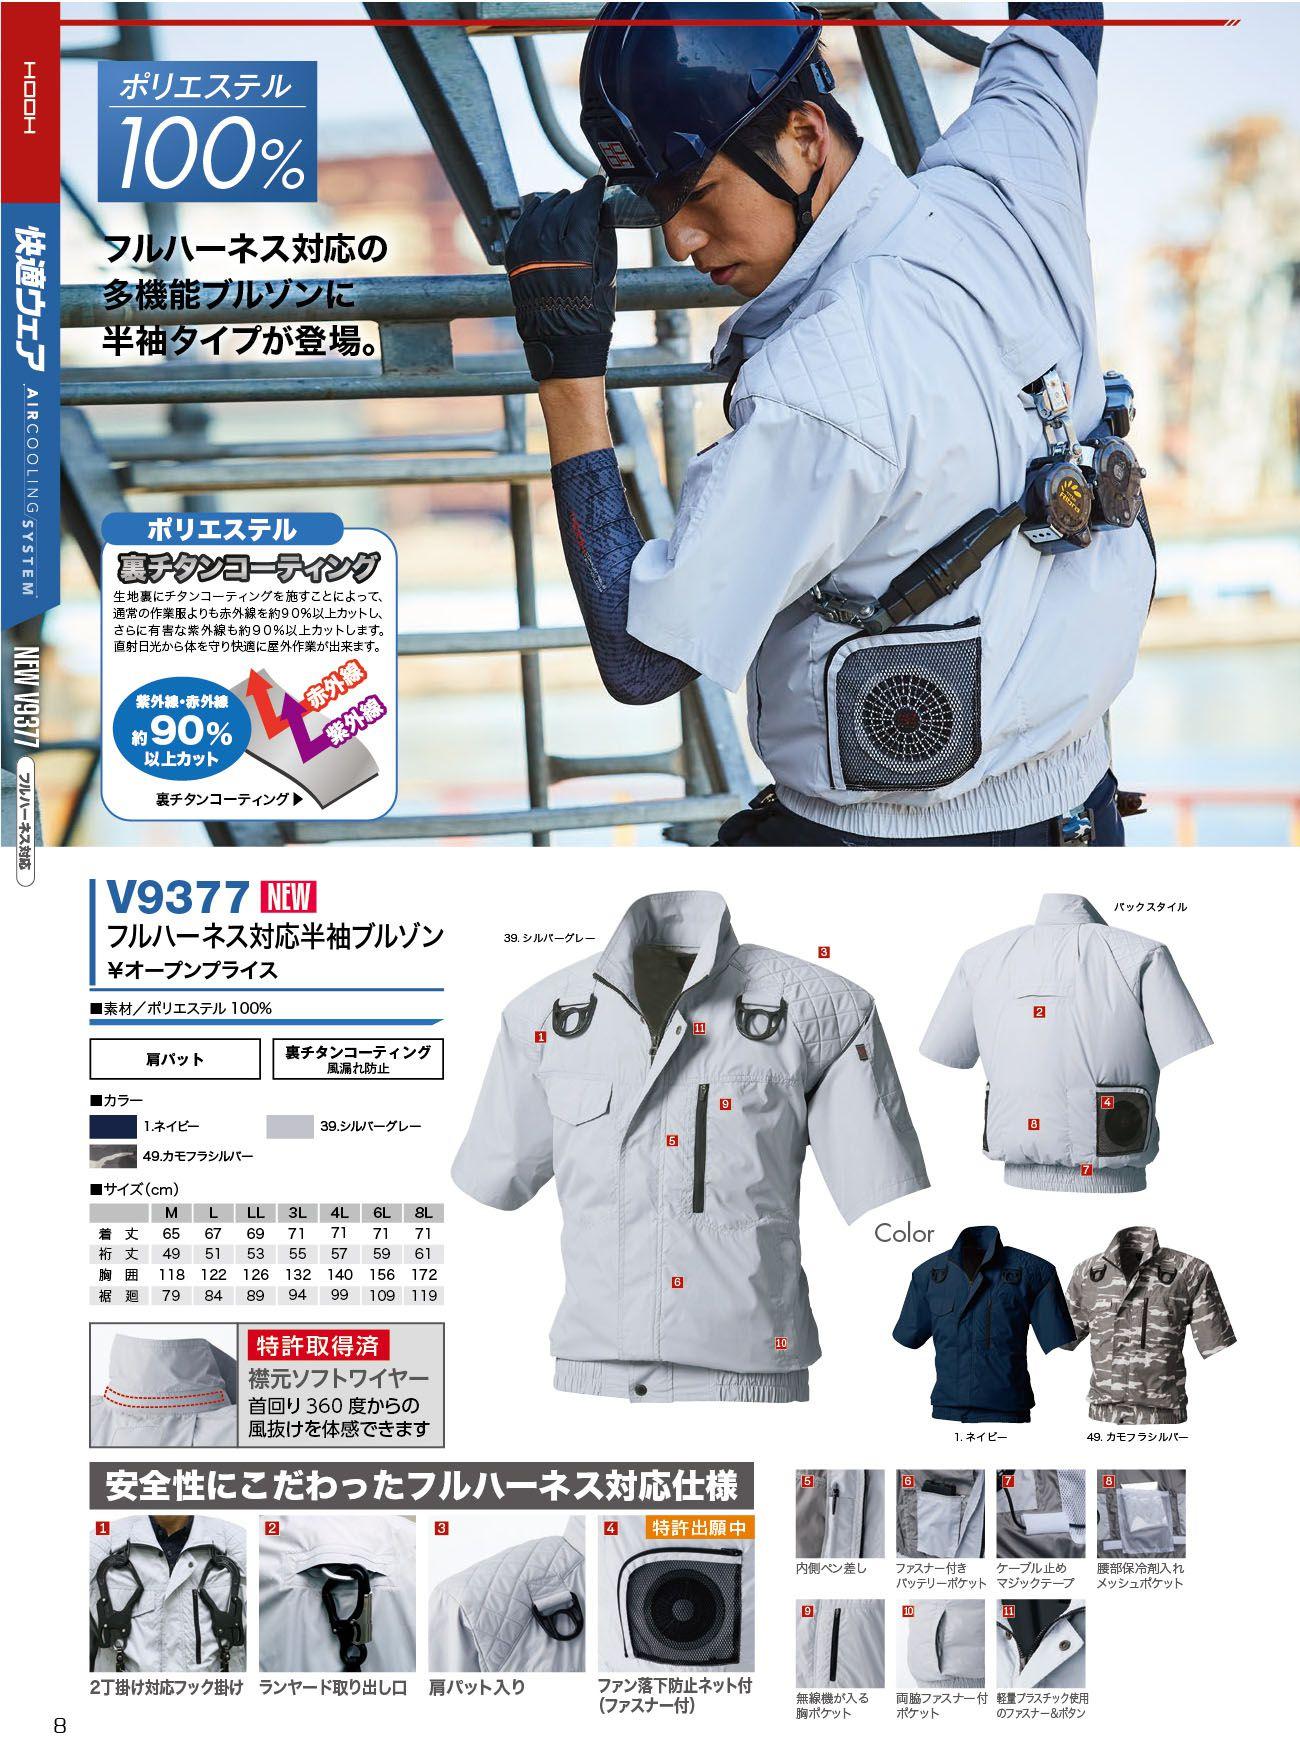 V9377フルハーネス対応半袖ブルゾン空調ファン服